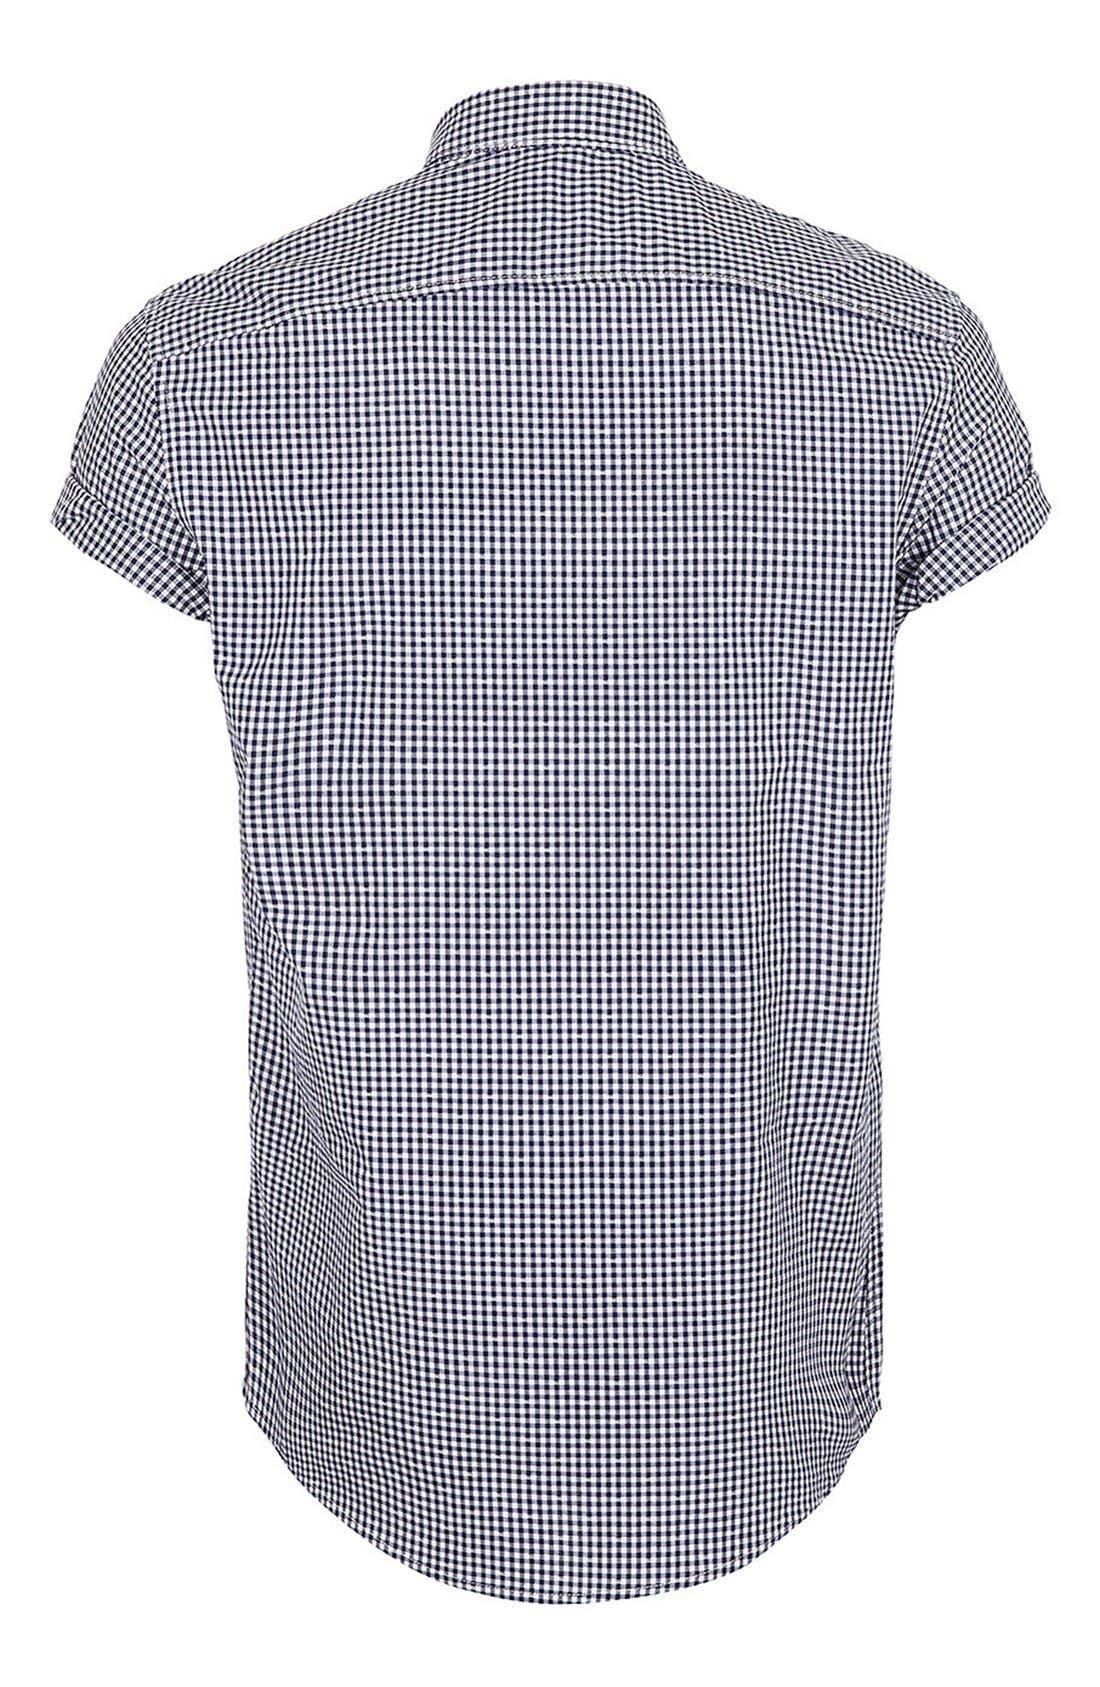 Alternate Image 2  - Topman Short Sleeve Gingham Shirt